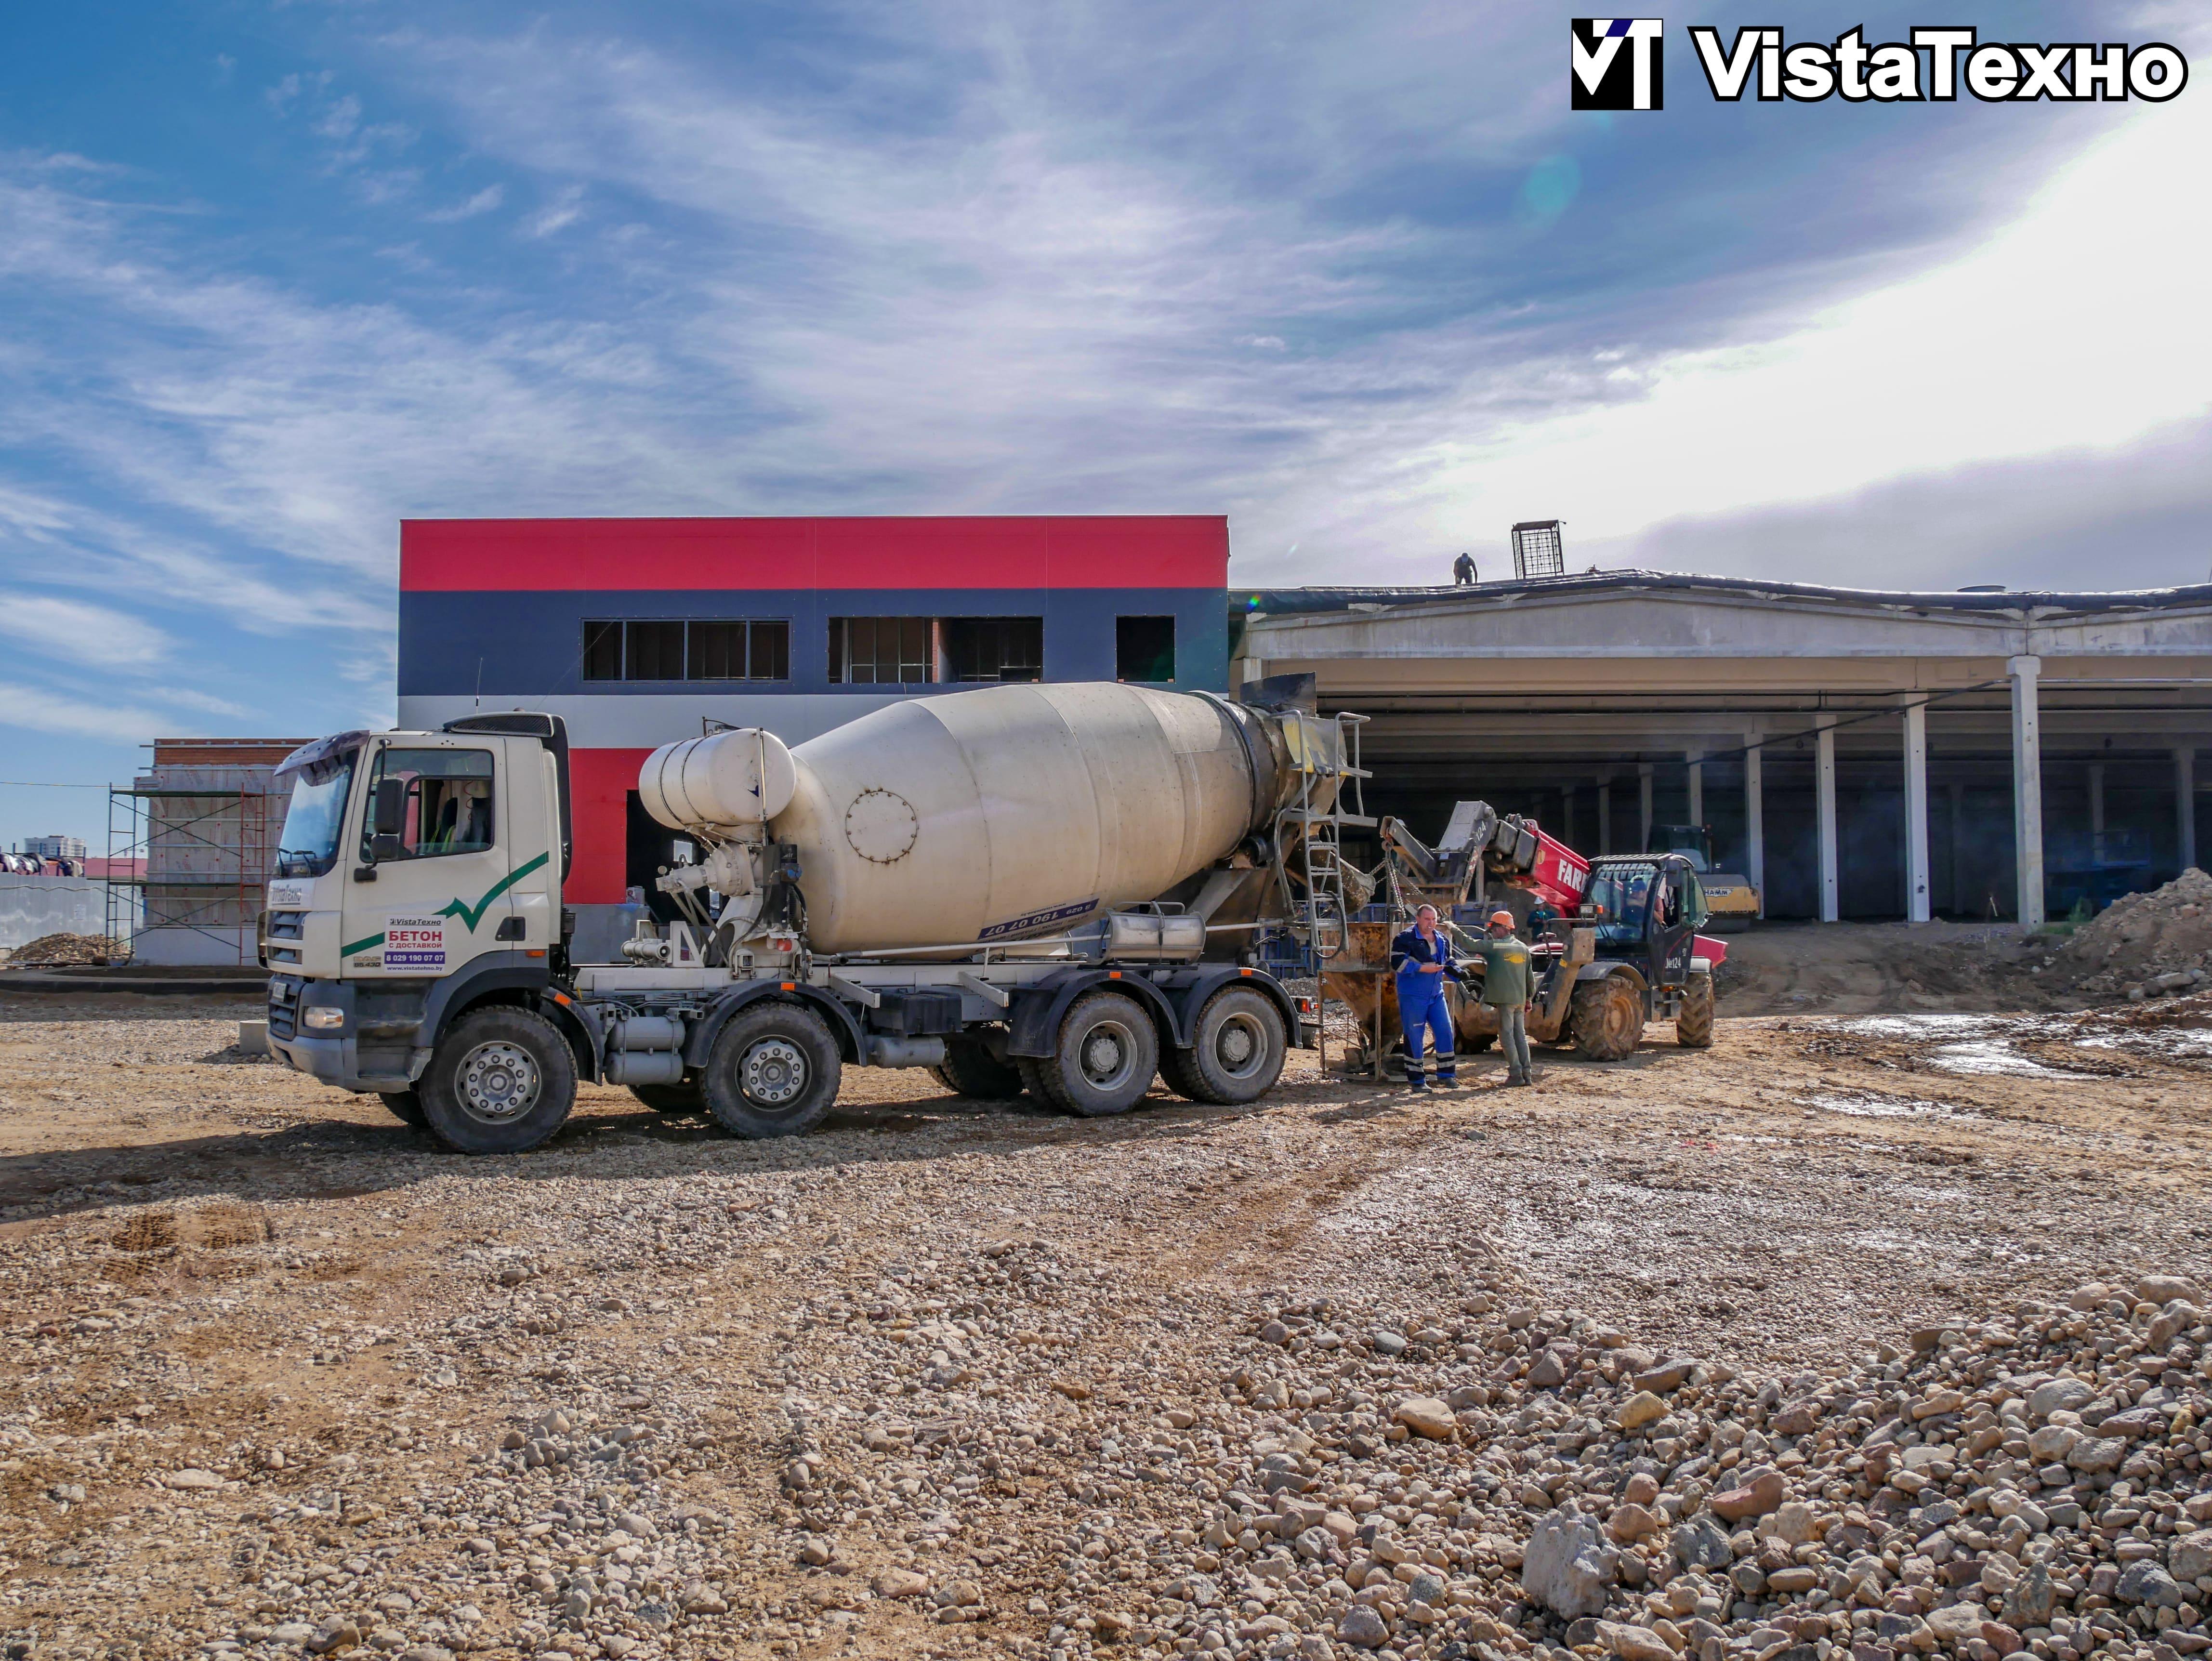 Купить бетон хочу стяжка из керамзитобетона плотность